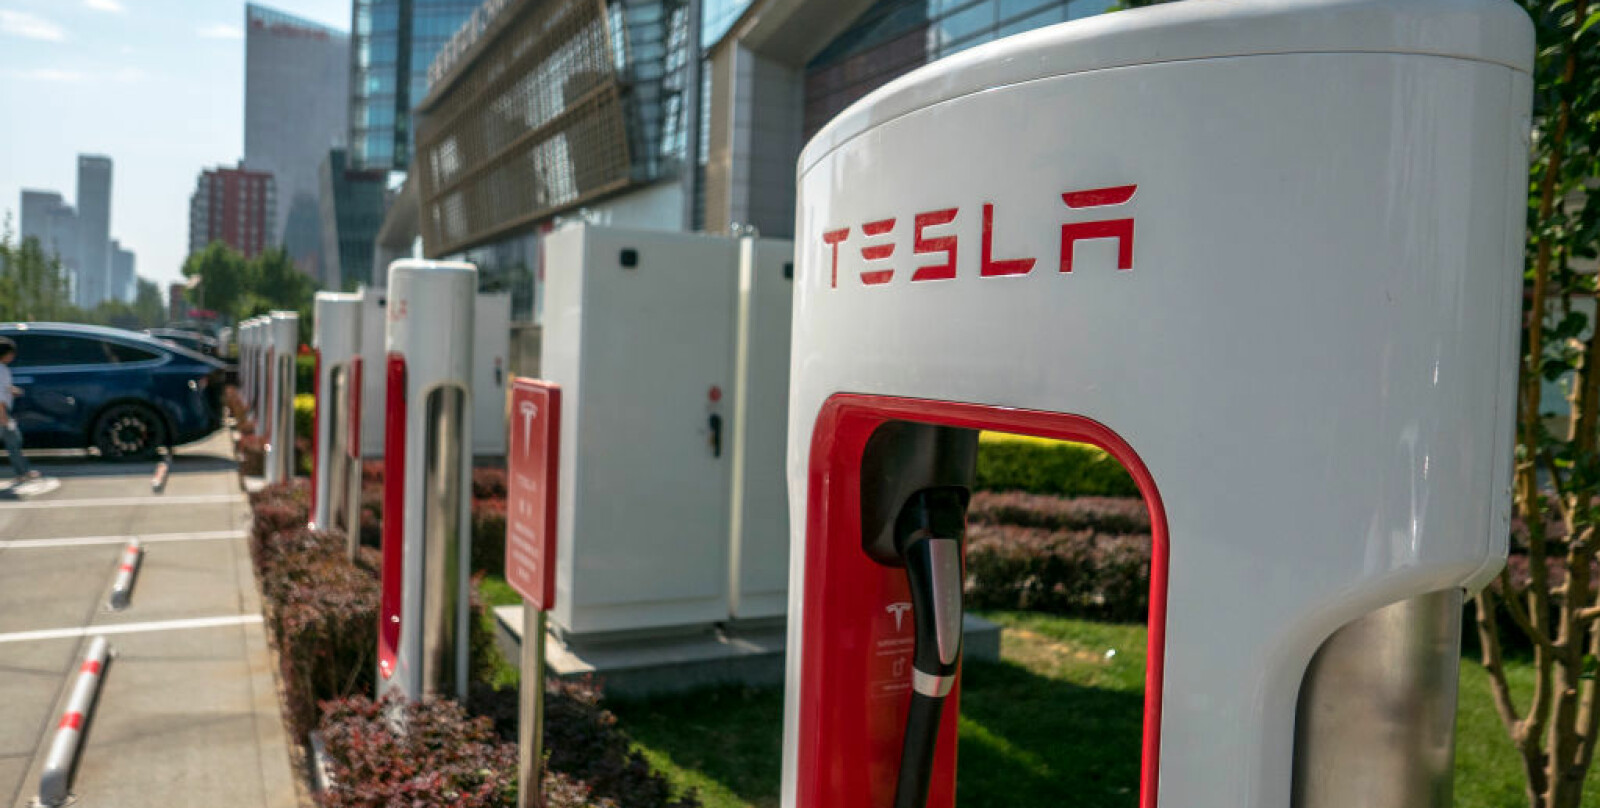 <b>GOD PLASS:</b> En superladestasjon for Tesla med god plass. Slik er det ikke alltid.